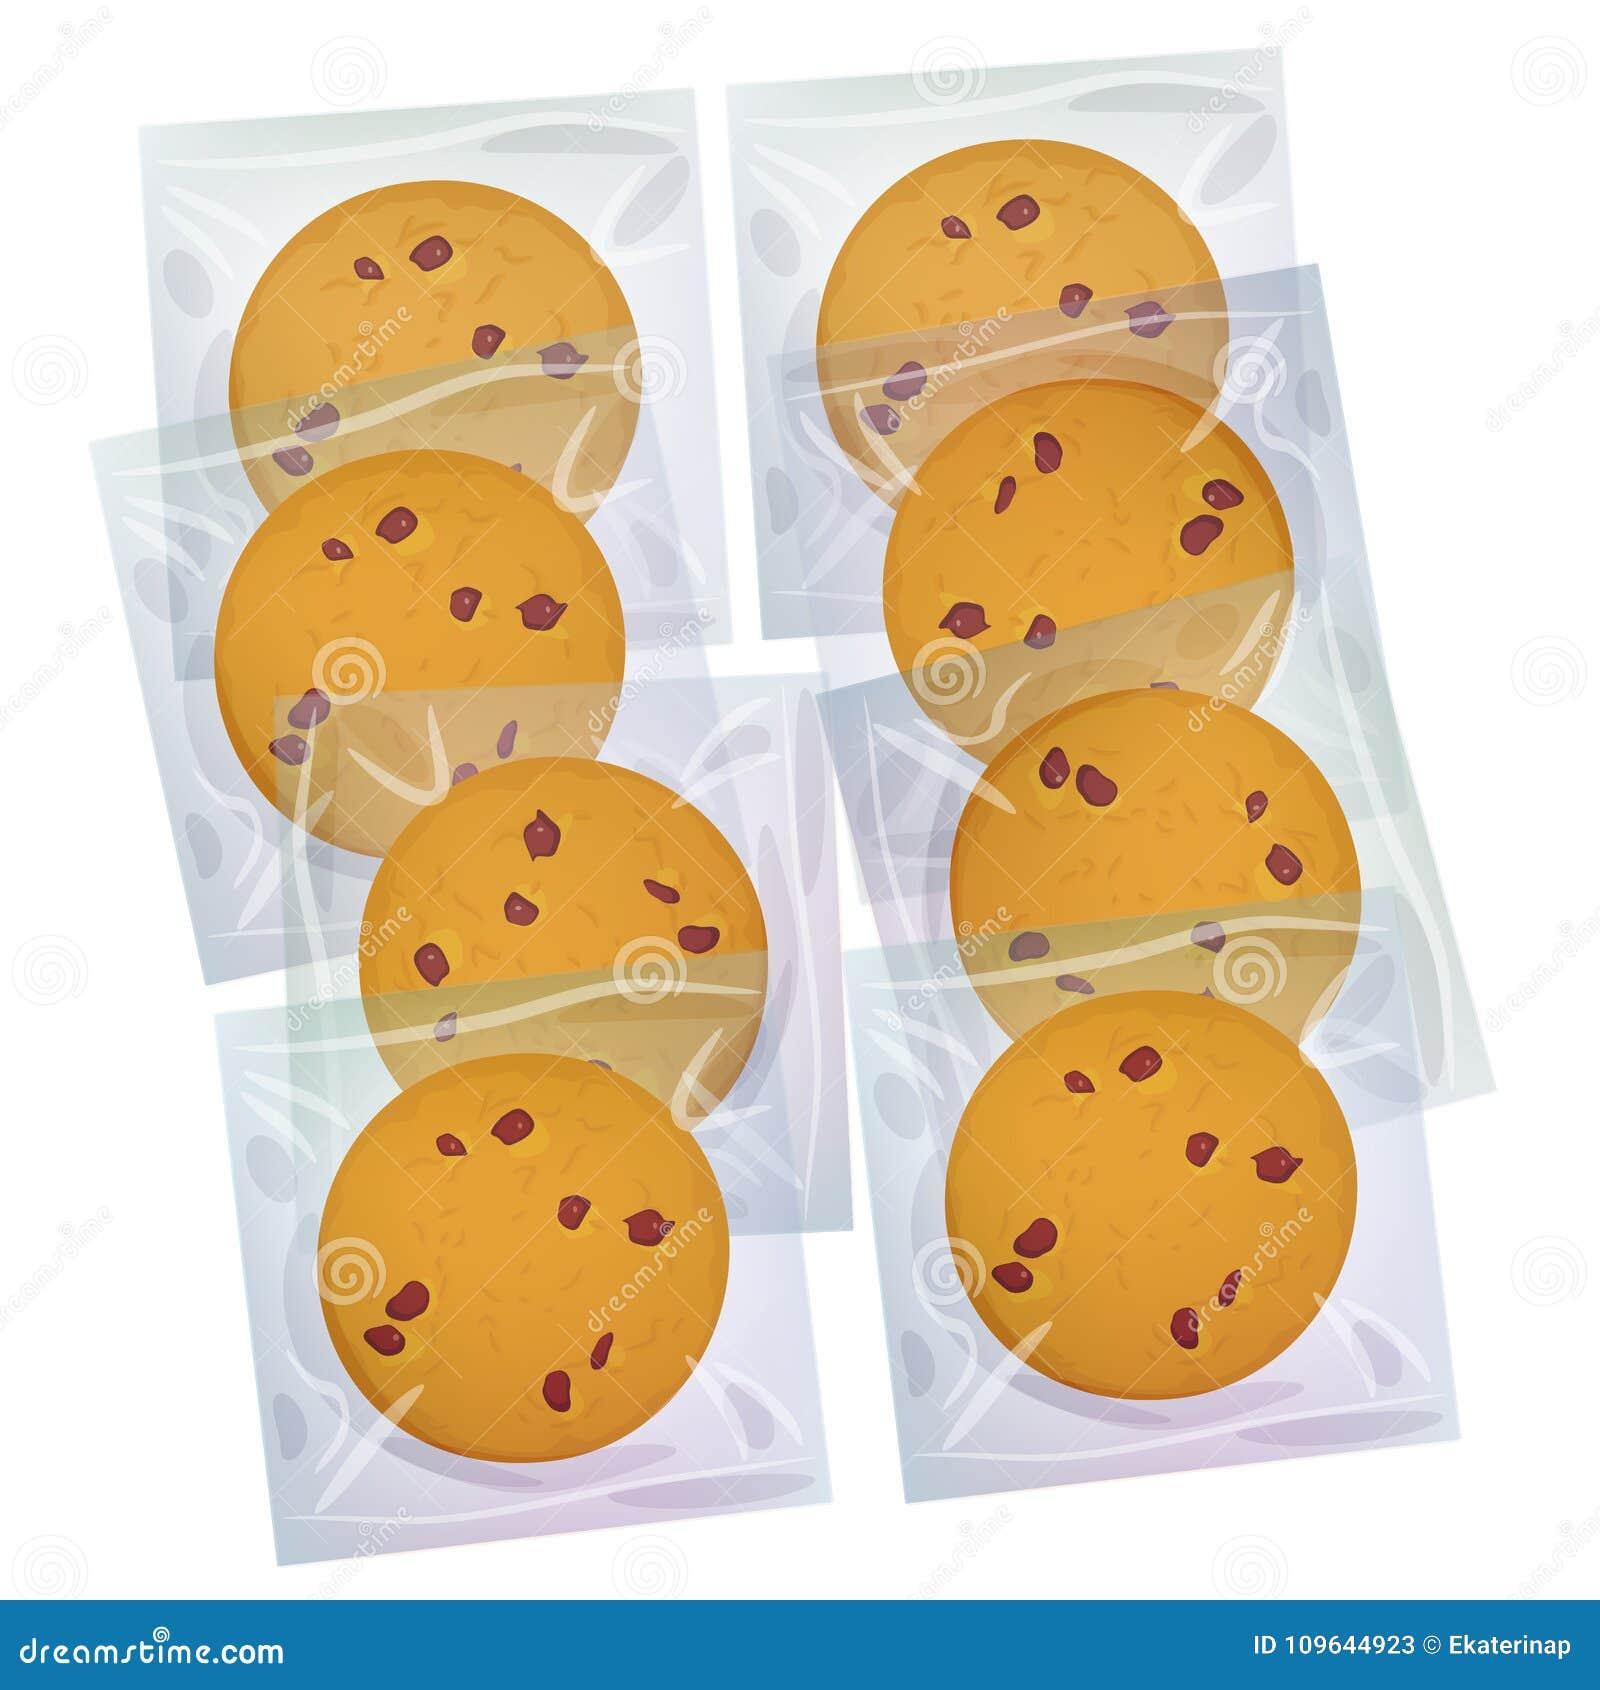 Cookie dos pedaços de chocolate, cozida recentemente quatro cookies no pacote plástico transparente isolado no fundo branco Cores